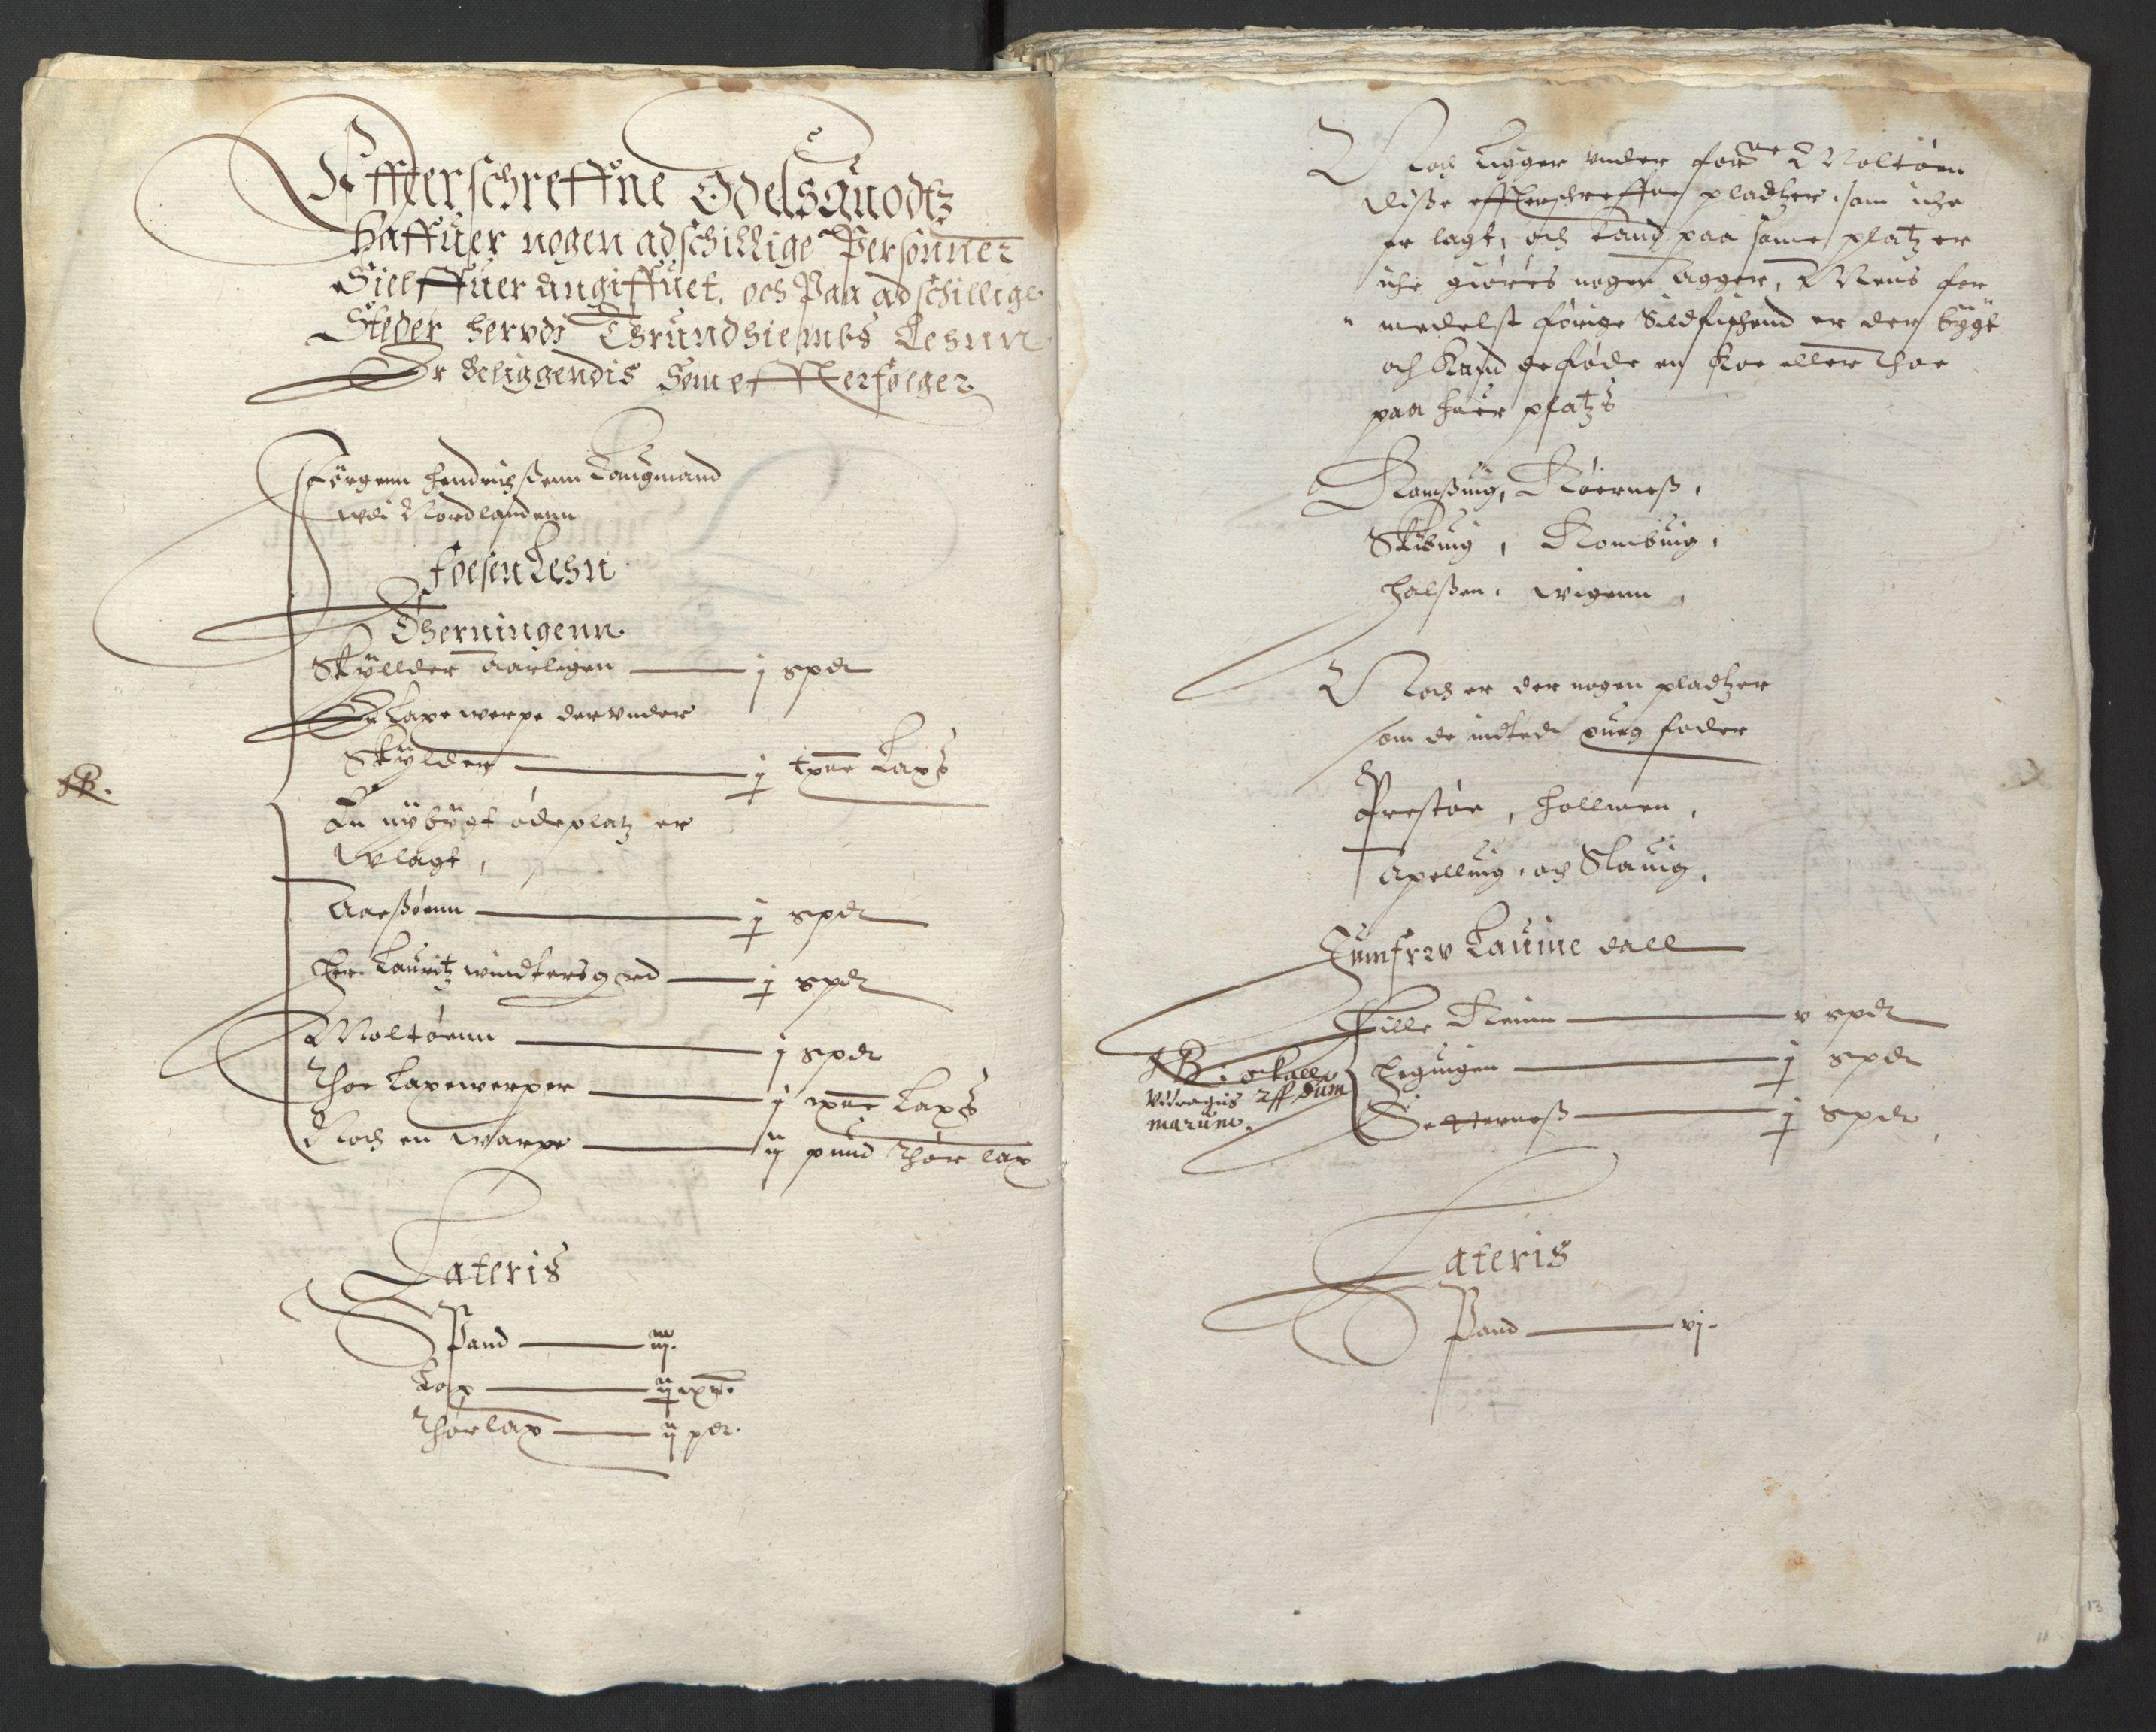 RA, Stattholderembetet 1572-1771, Ek/L0013: Jordebøker til utlikning av rosstjeneste 1624-1626:, 1624-1625, s. 14